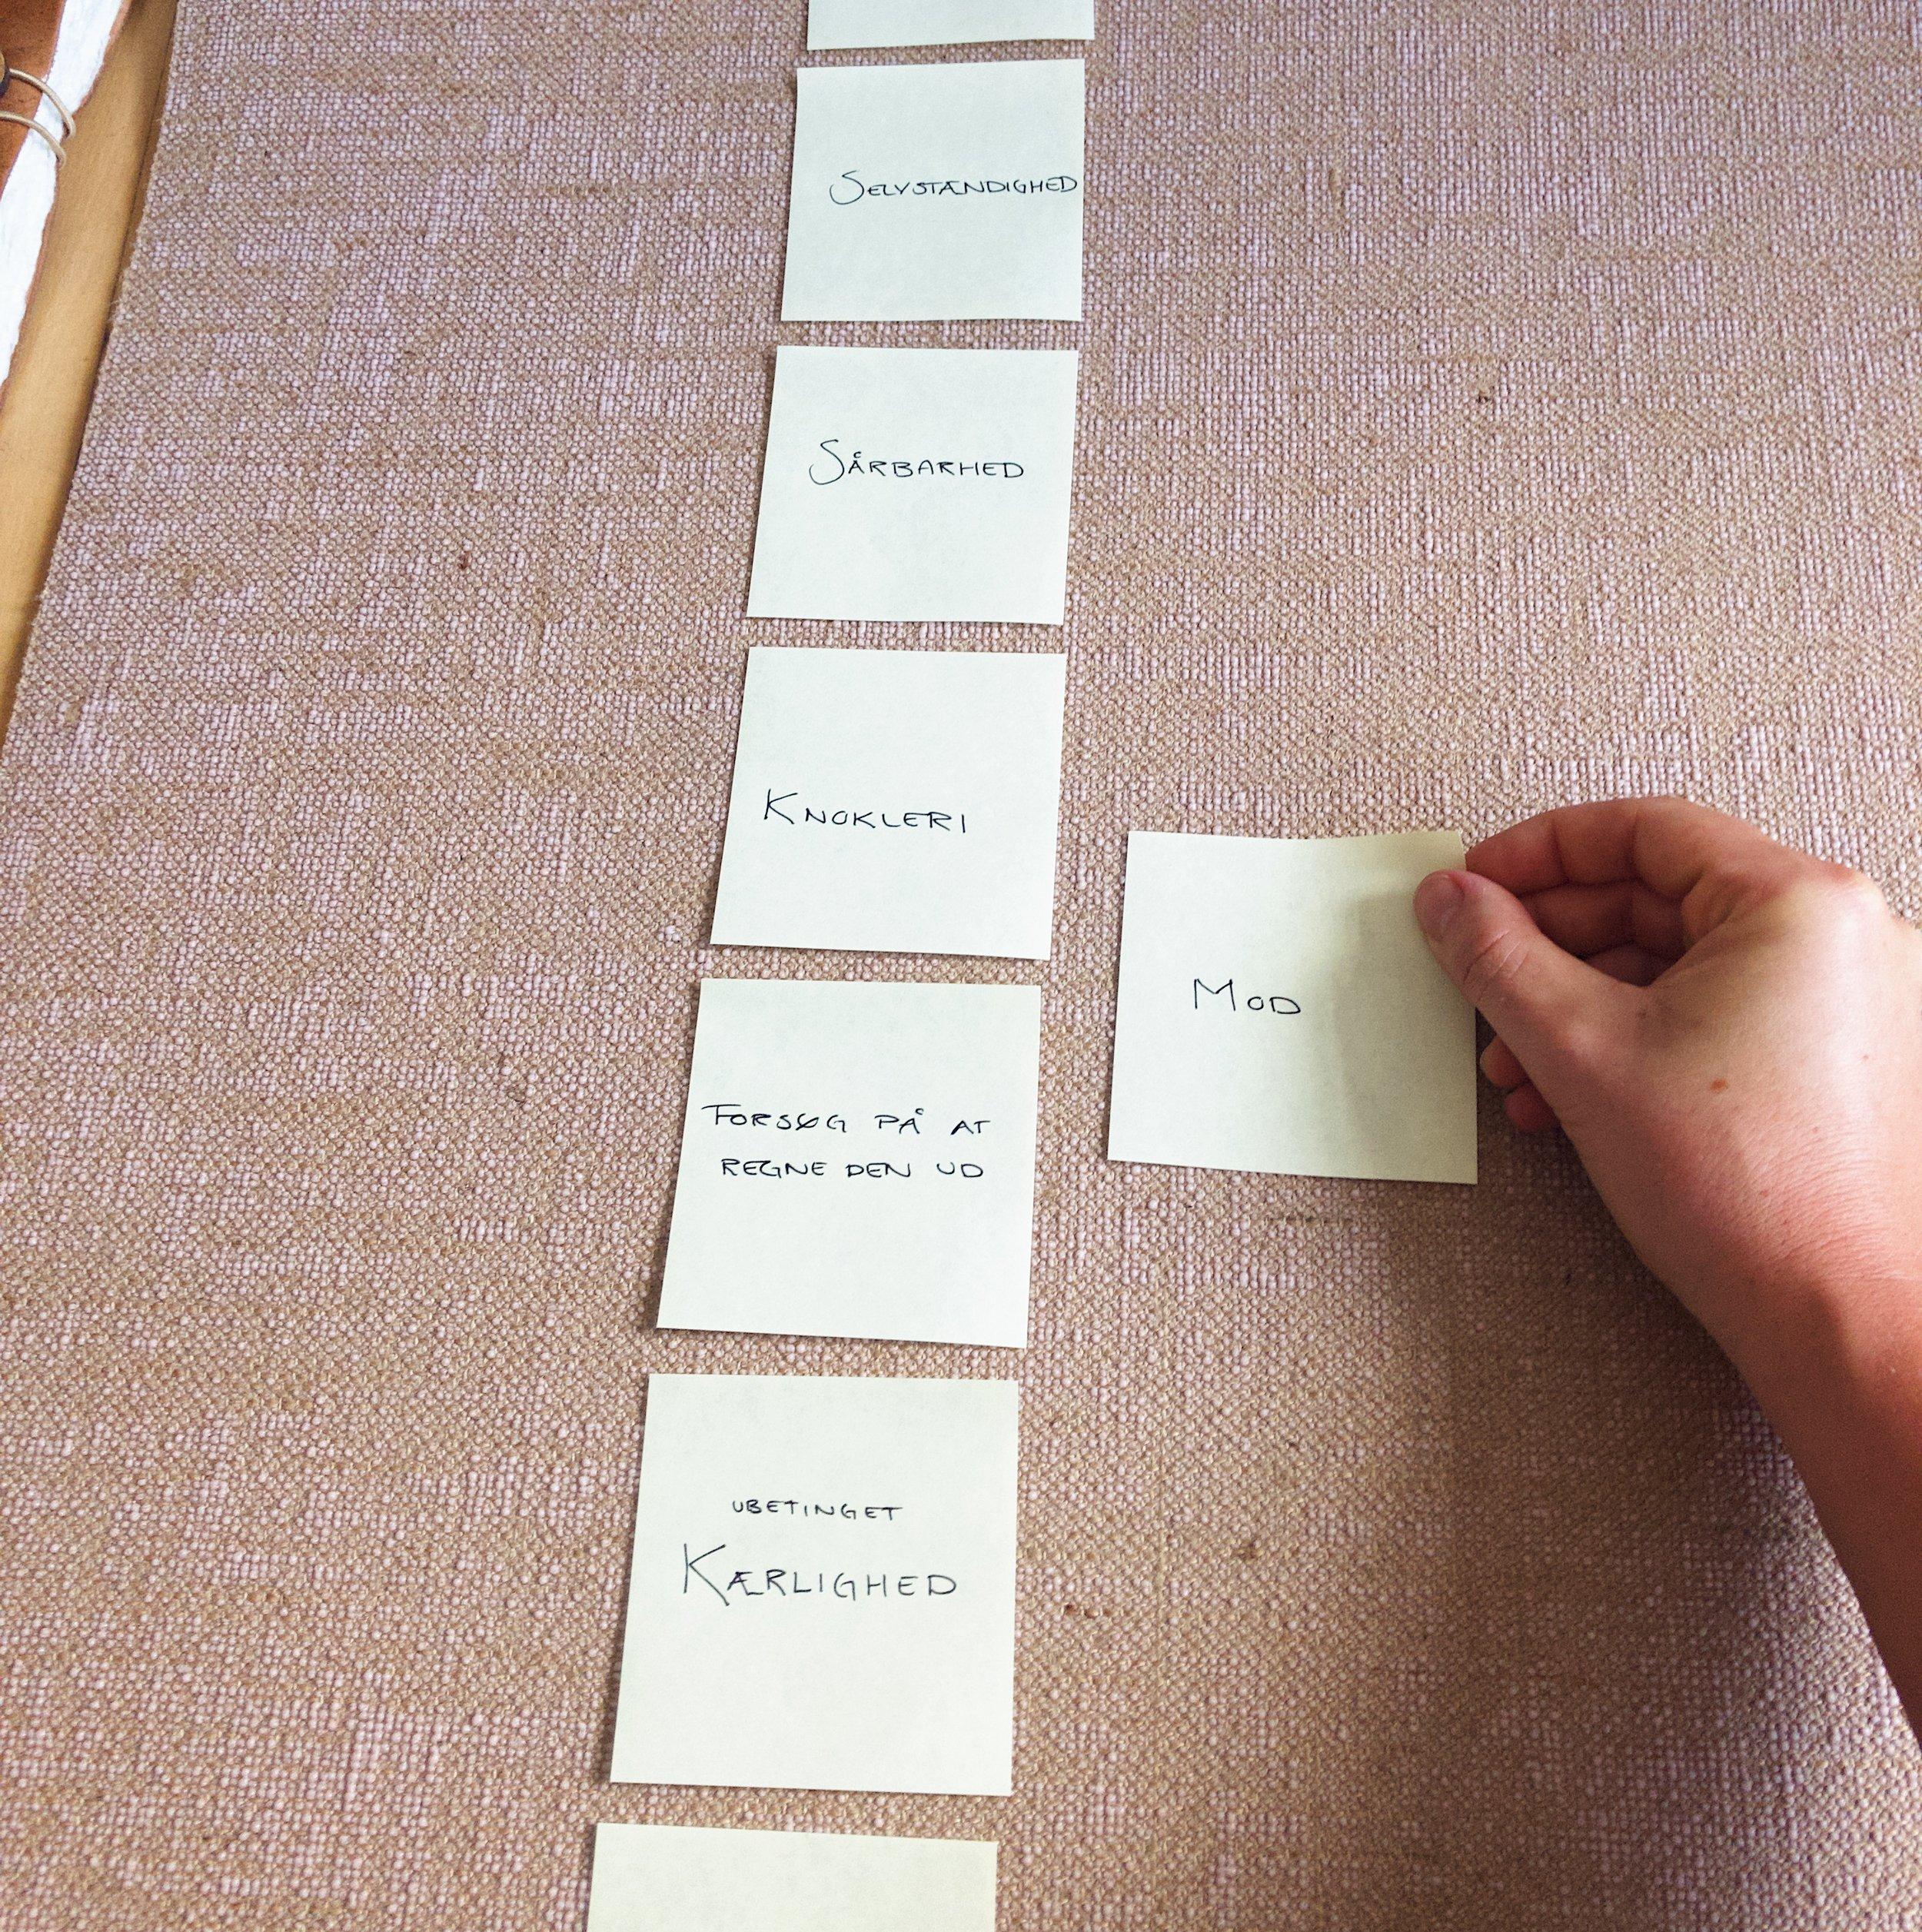 3. Prioriter dine værdier - Mærk efter hvilke værdier/væremåder, der har fyldt mest ved at sammenholde dem to og to indtil de har en prioriteret liste med omkring 8 værdier.